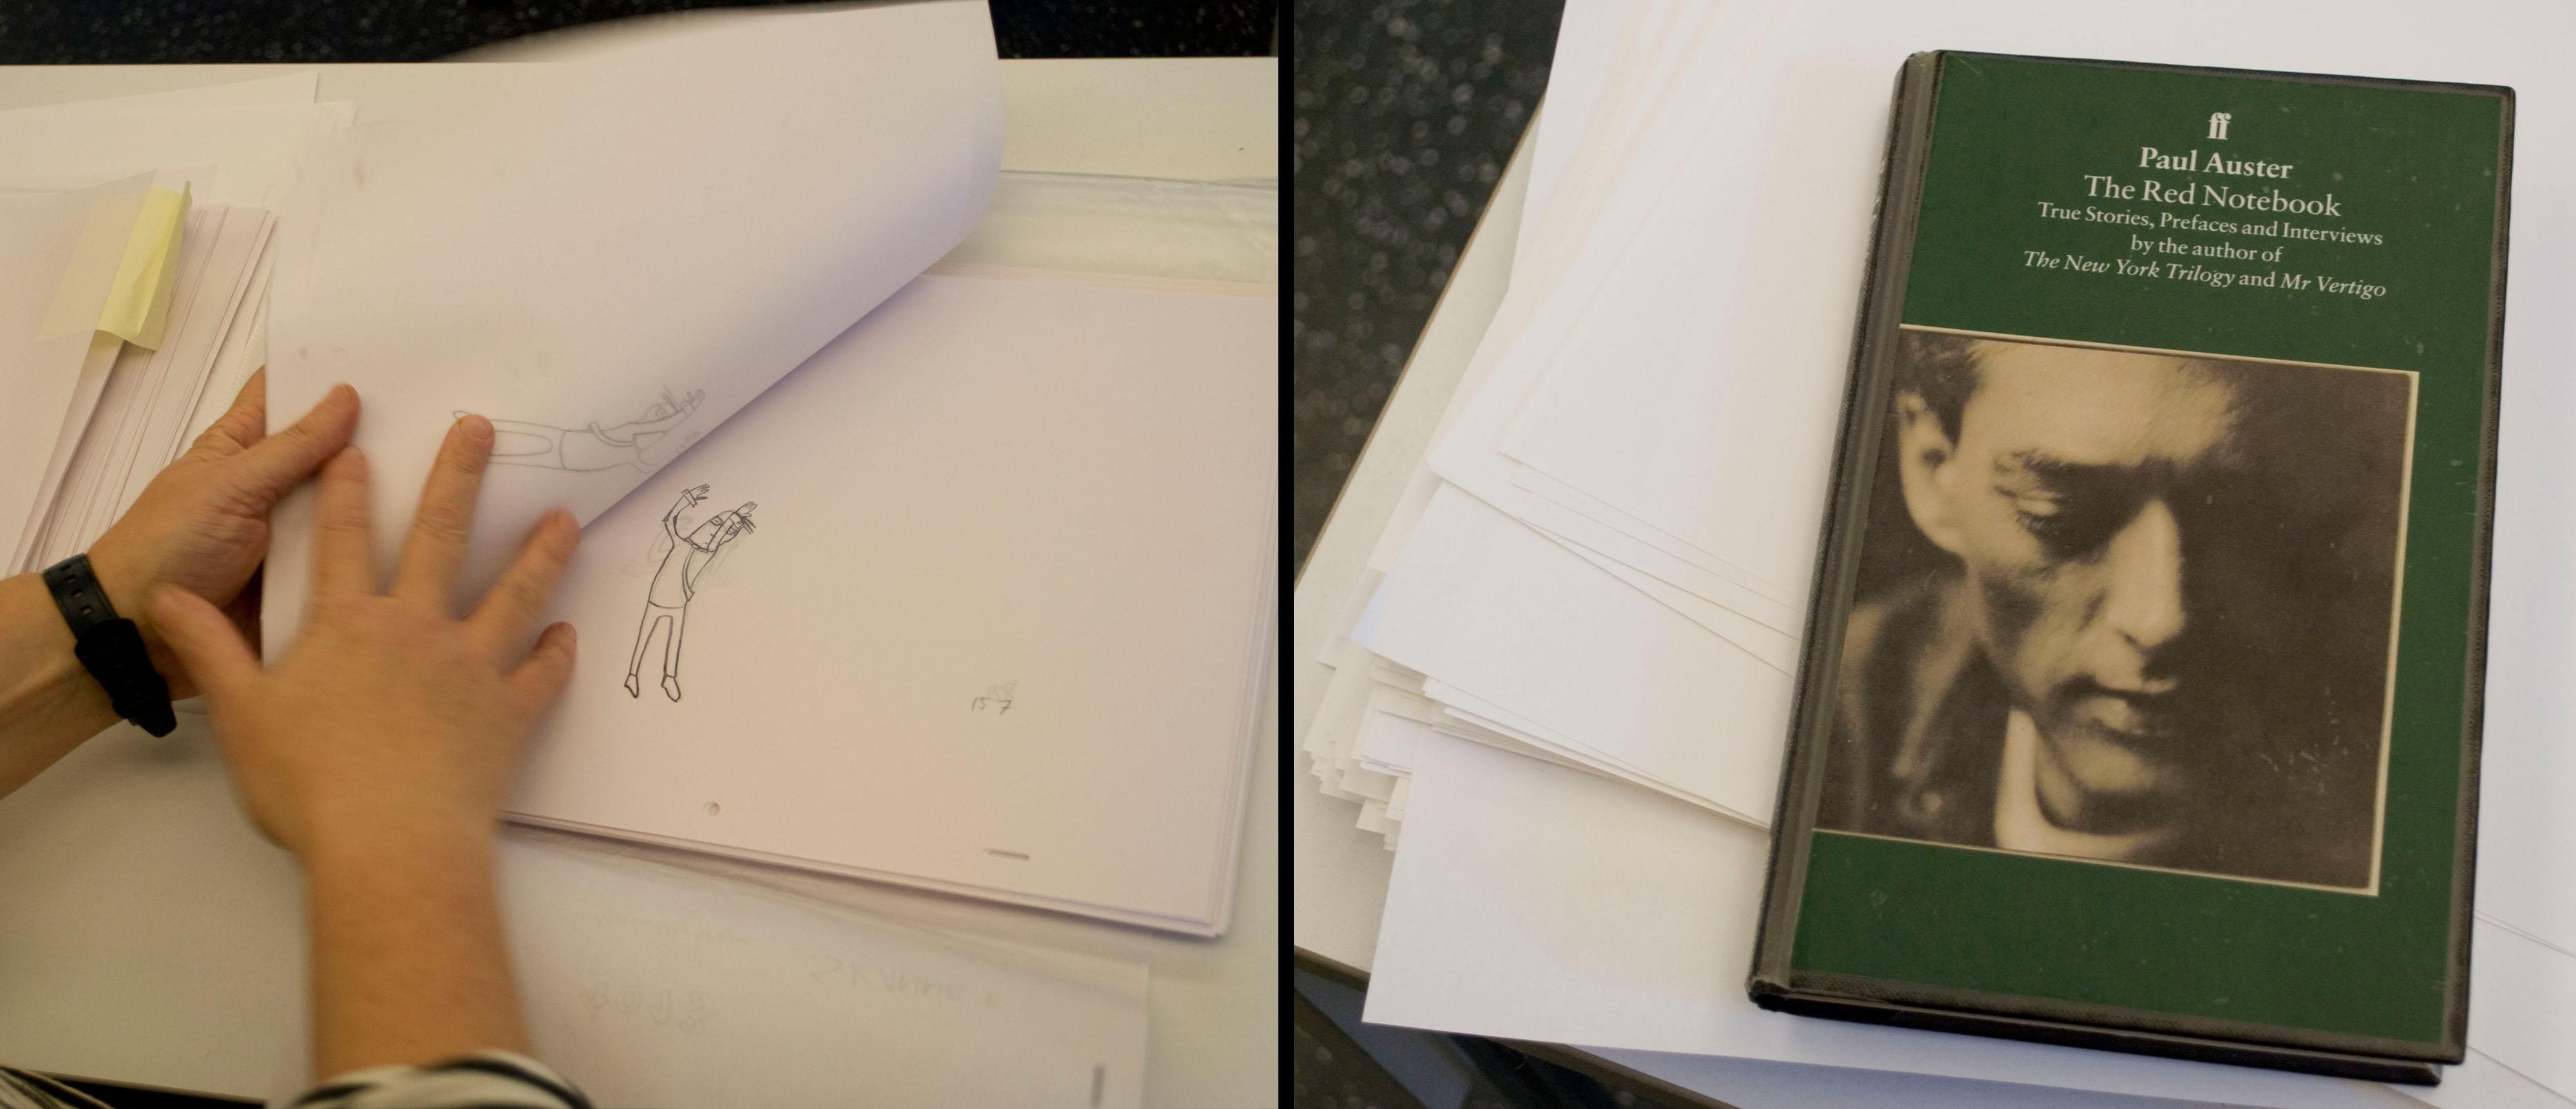 Kajsa Næss viser frem animasjonstegninger (venstre) og Paul Austers novellesamling «The Red Notebook» (høyre).